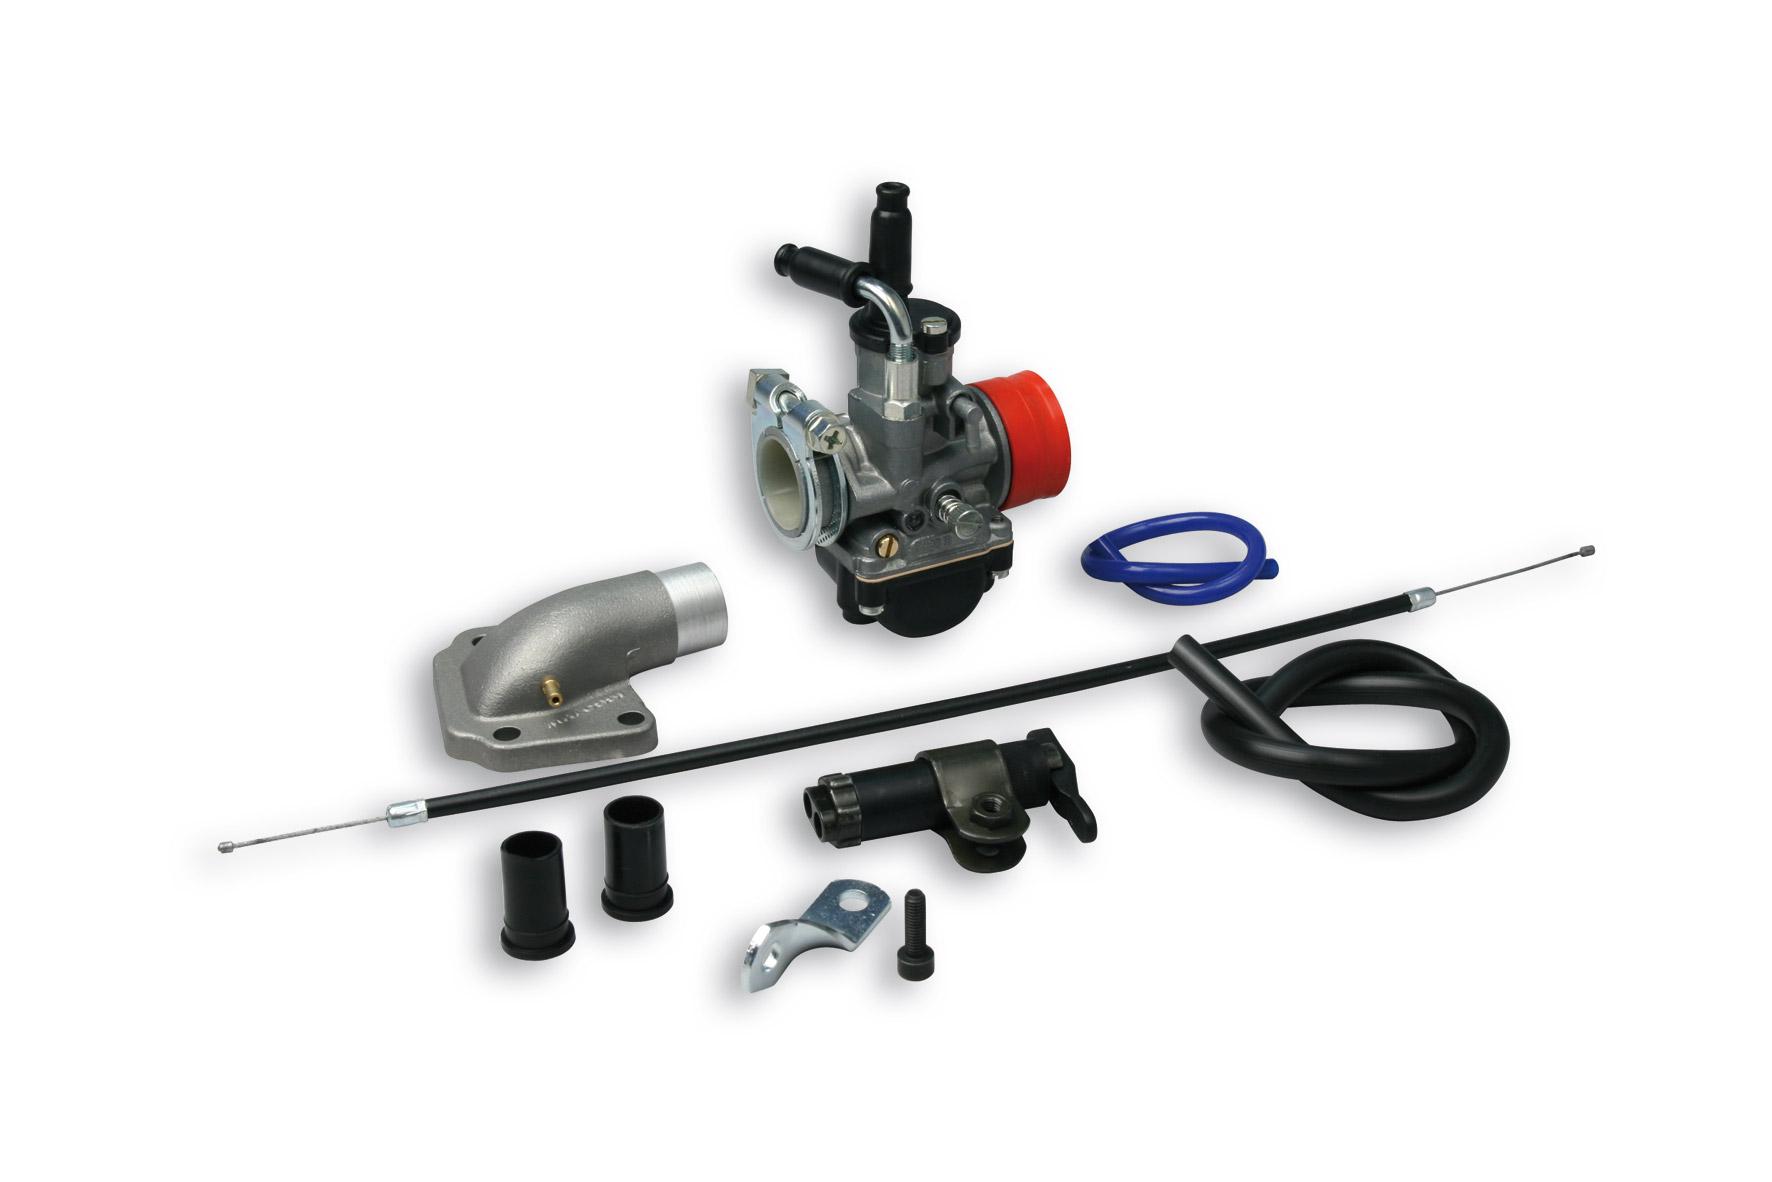 Impianto alimentazione PHBG 19 AS per Peugeot Fox 50 cc